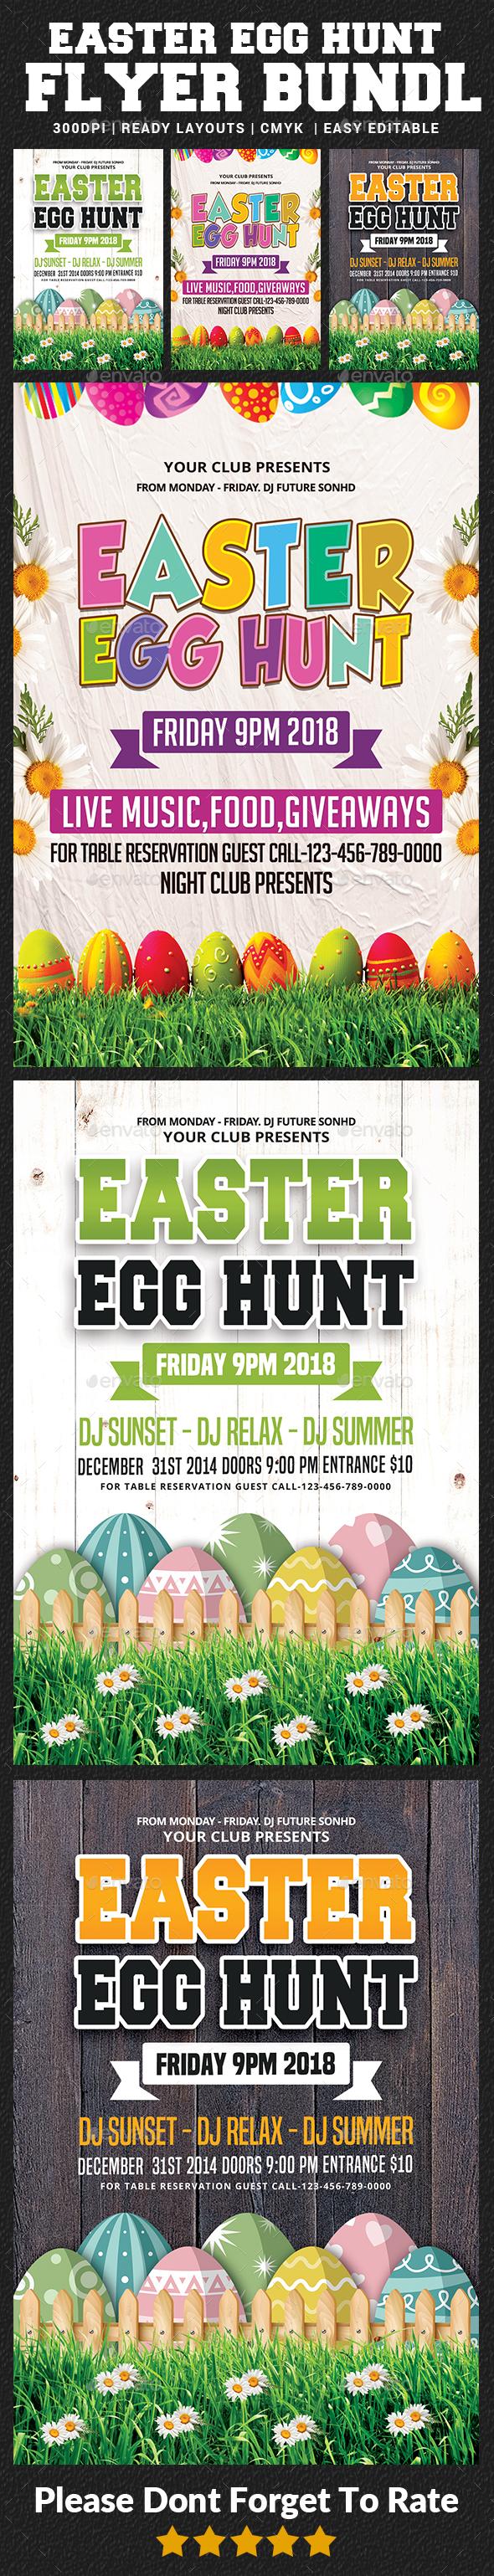 Easter Egg Hunt Flyer Bundle Template - Events Flyers